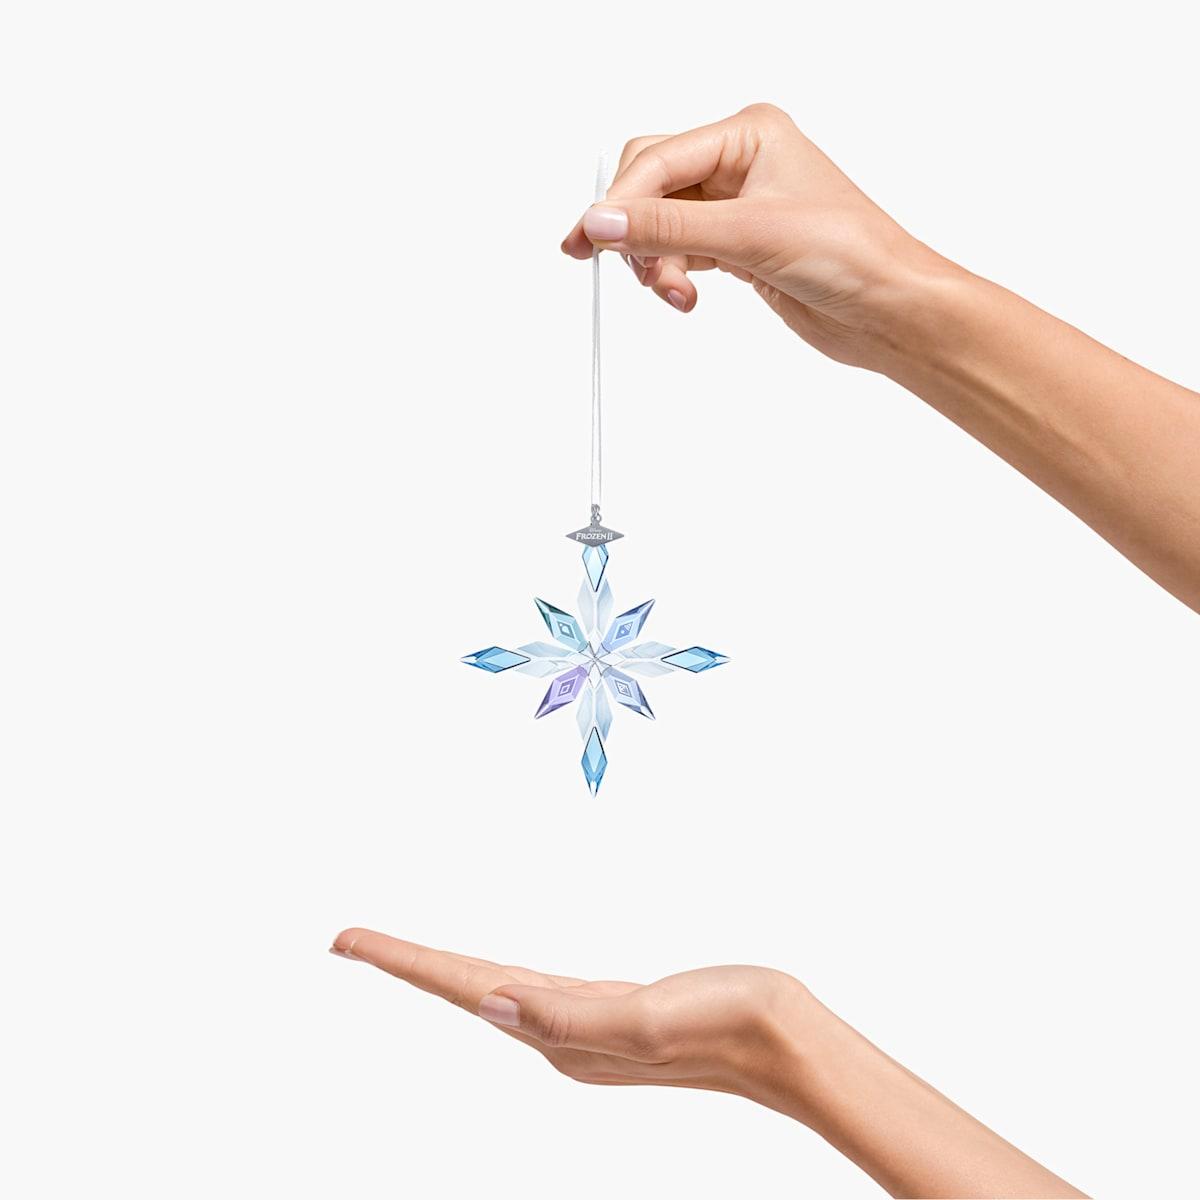 FROZEN 2 SNOWFLAKE ORNAMENT $119.00  https://www. swarovski.com/en-US/p-549273 7/Frozen-2-Snowflake-Ornament/  … <br>http://pic.twitter.com/MXglXxjJ17